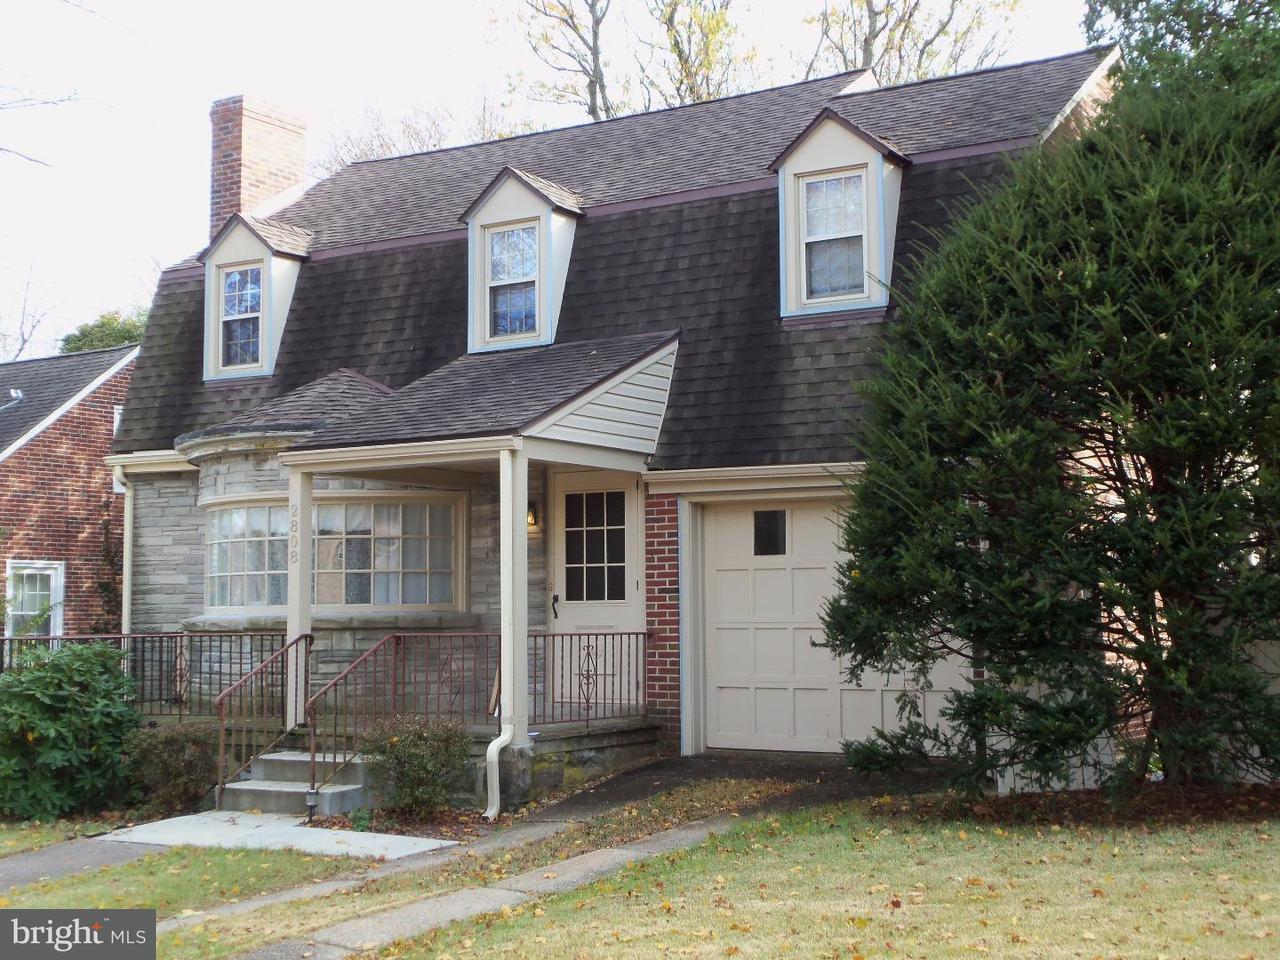 独户住宅 为 销售 在 2808 FILBERT Avenue 雷丁, 宾夕法尼亚州 19606 美国